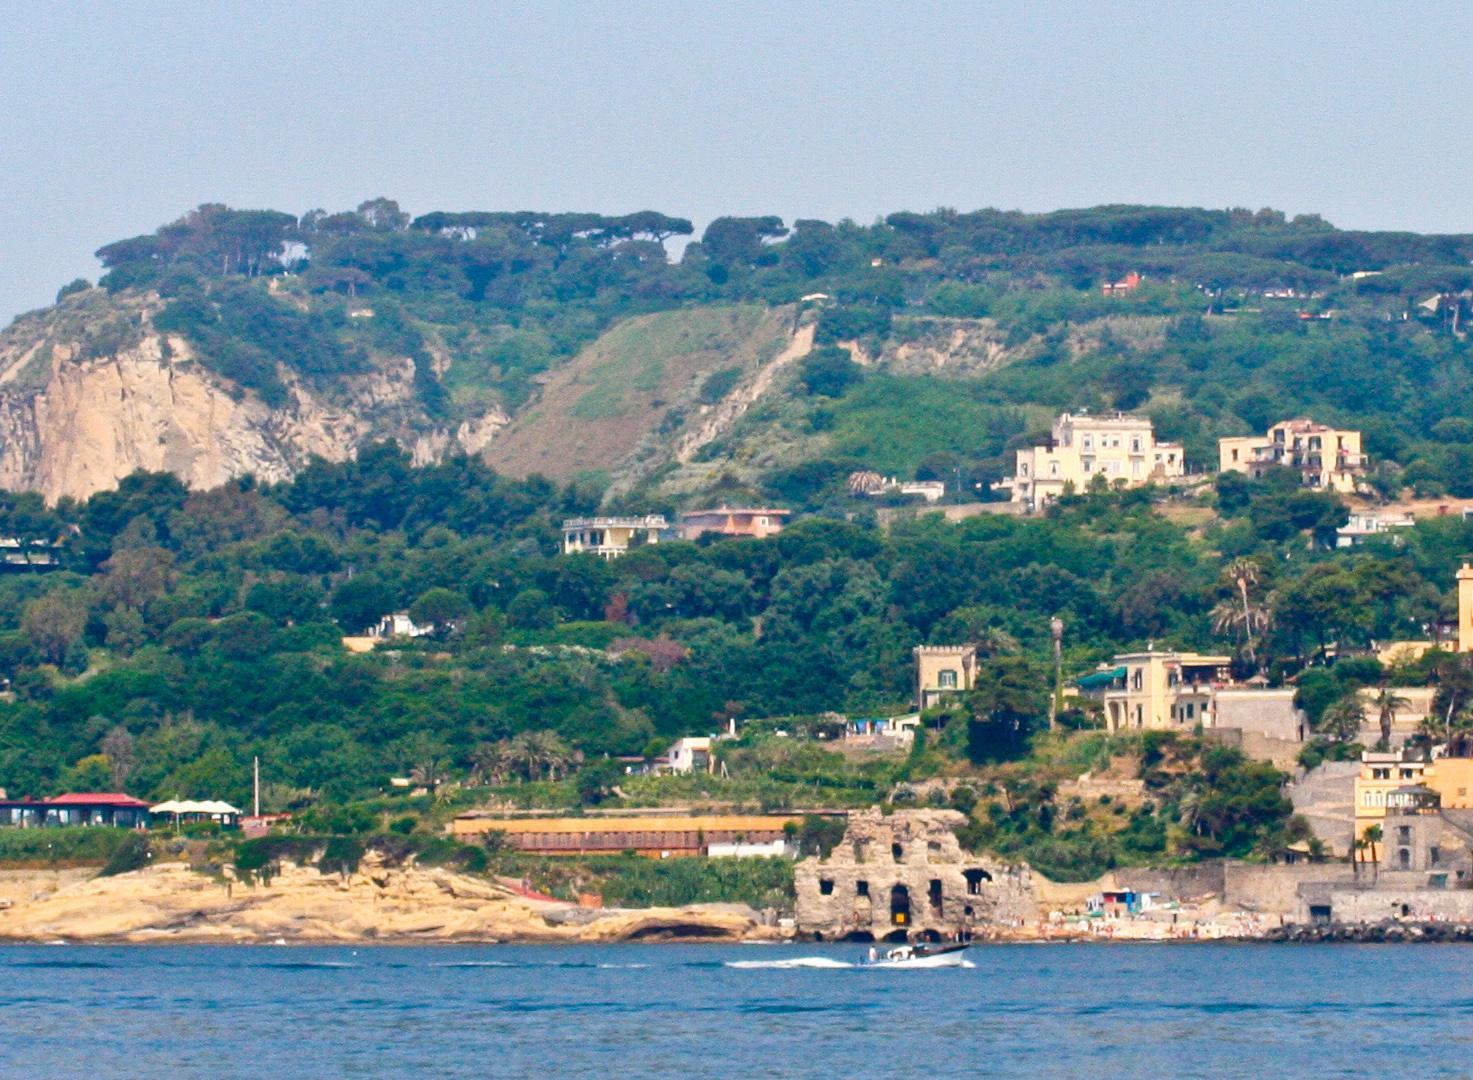 File:Napoli - Casa o Palazzo degli Spiriti (Posillipo).jpg - Wikipedia